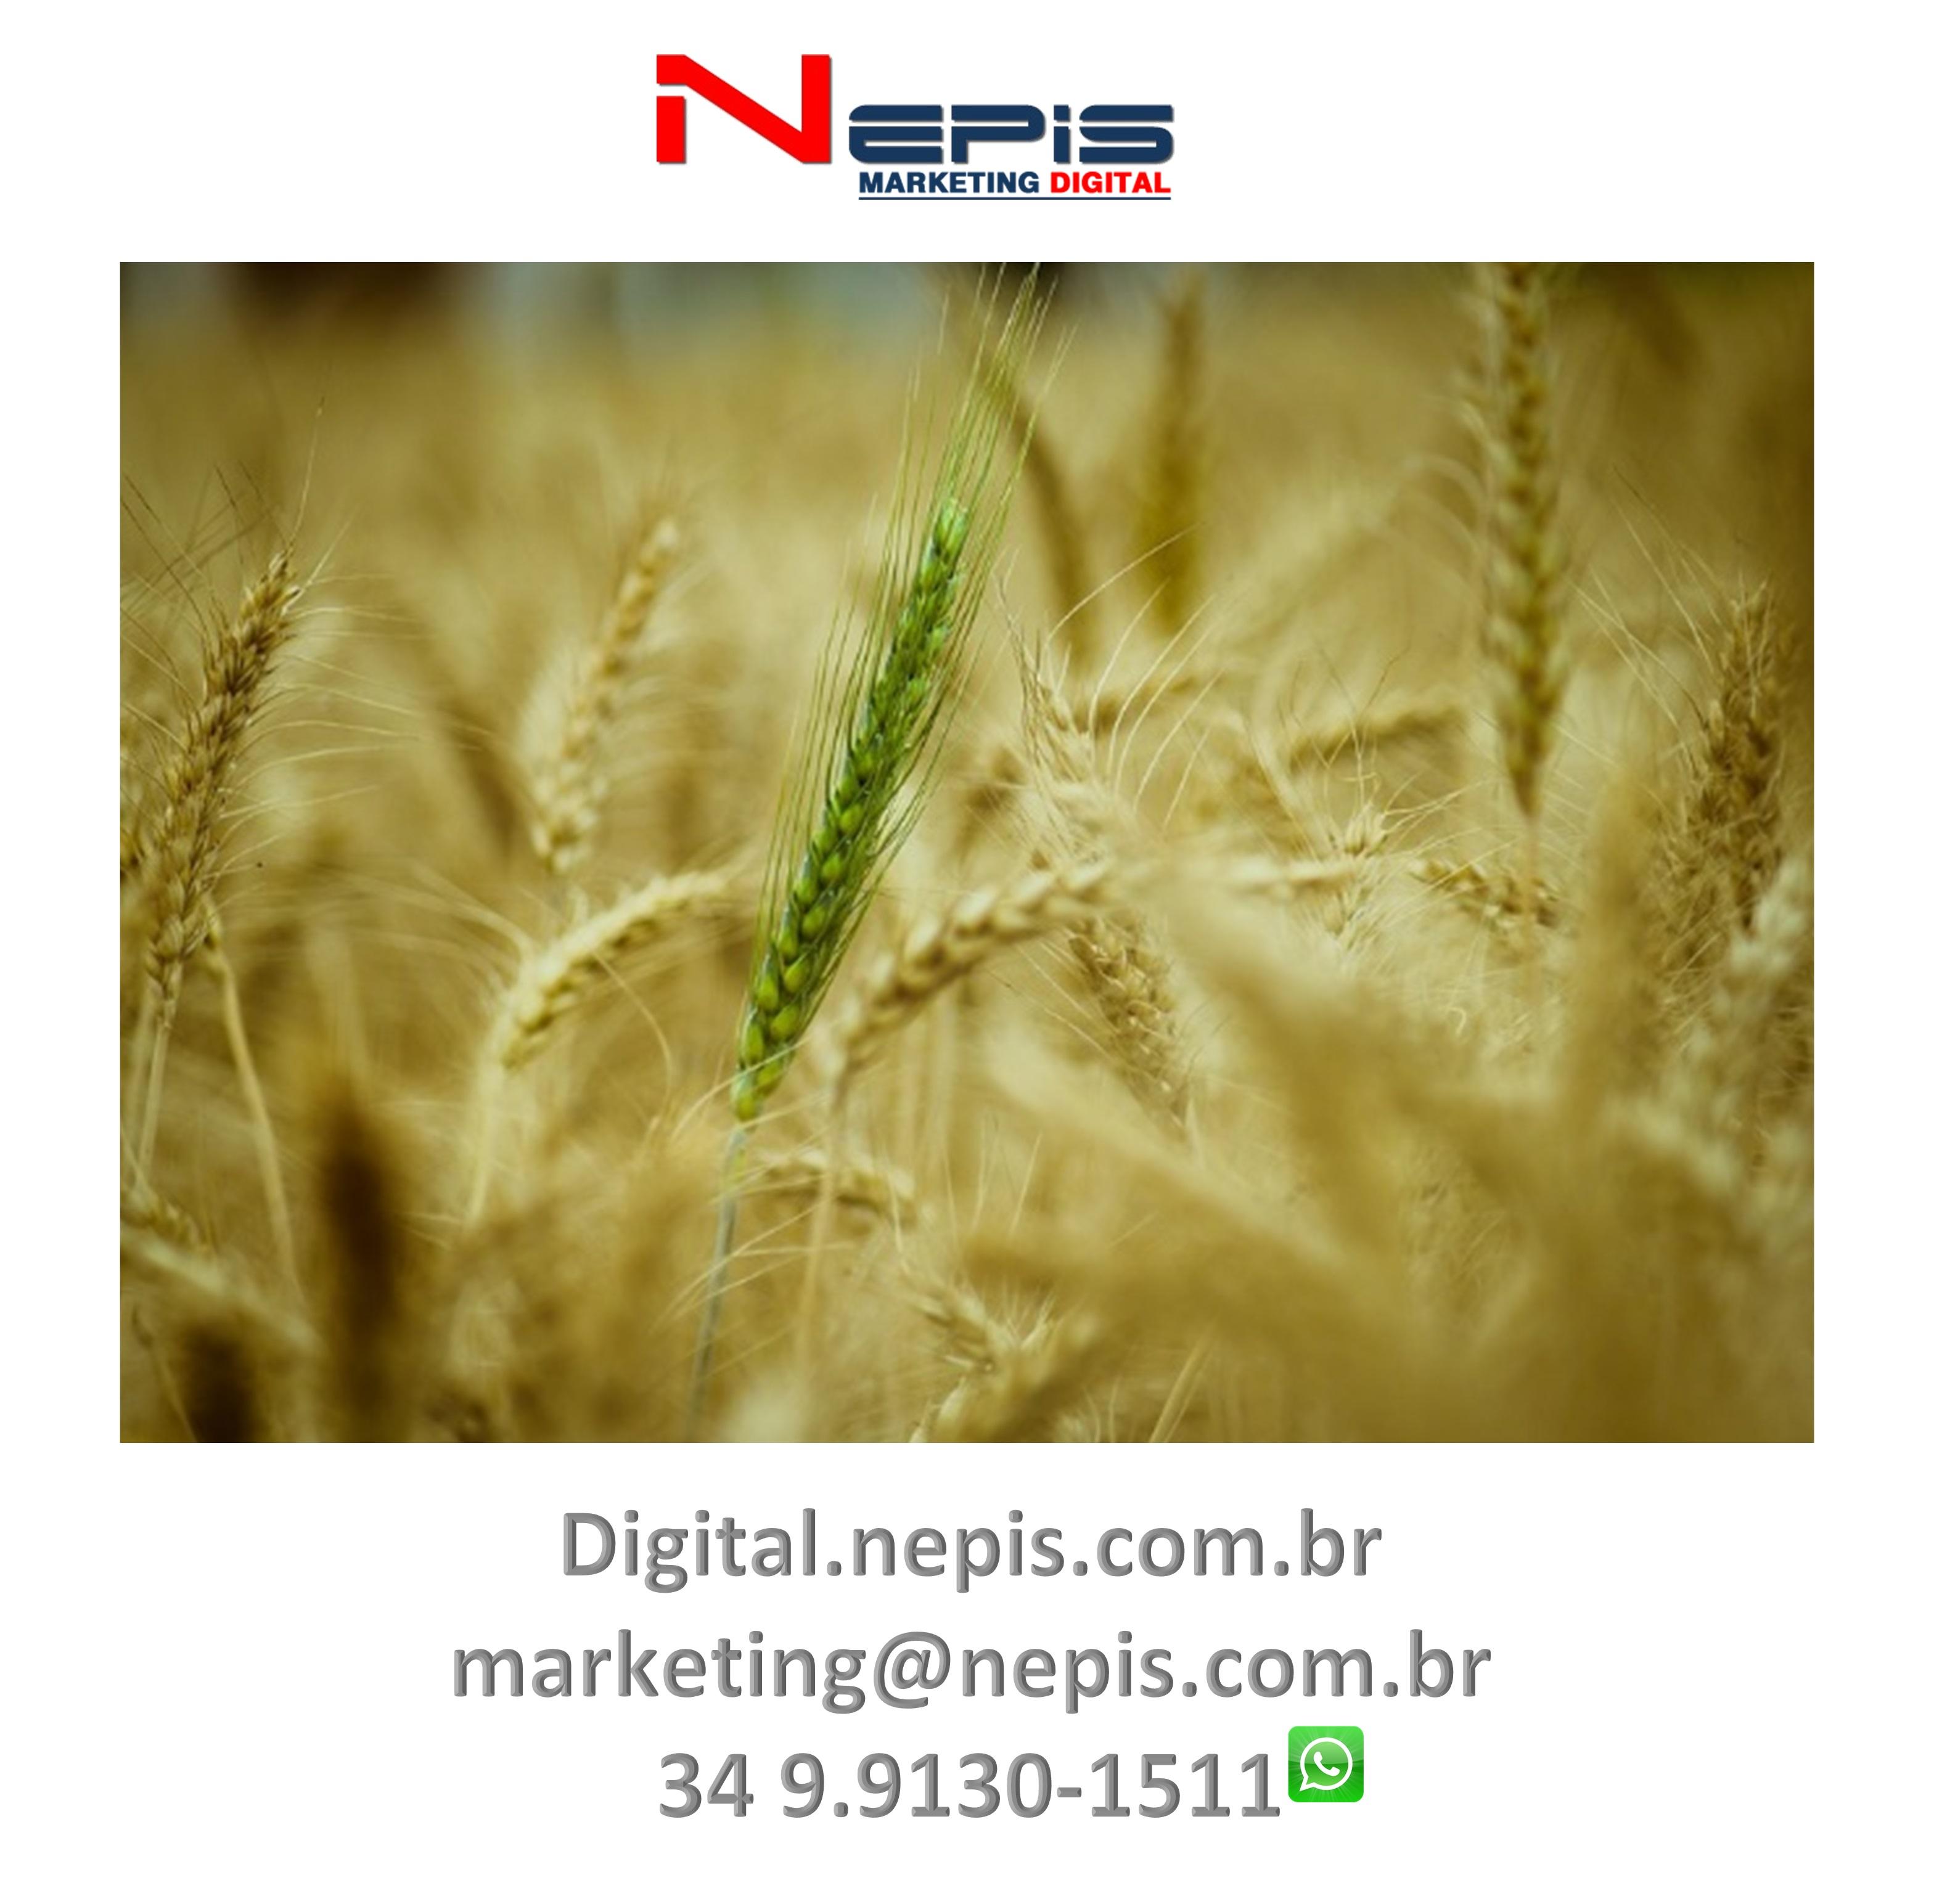 NEPIS Digital Publicidade camapanhas 1